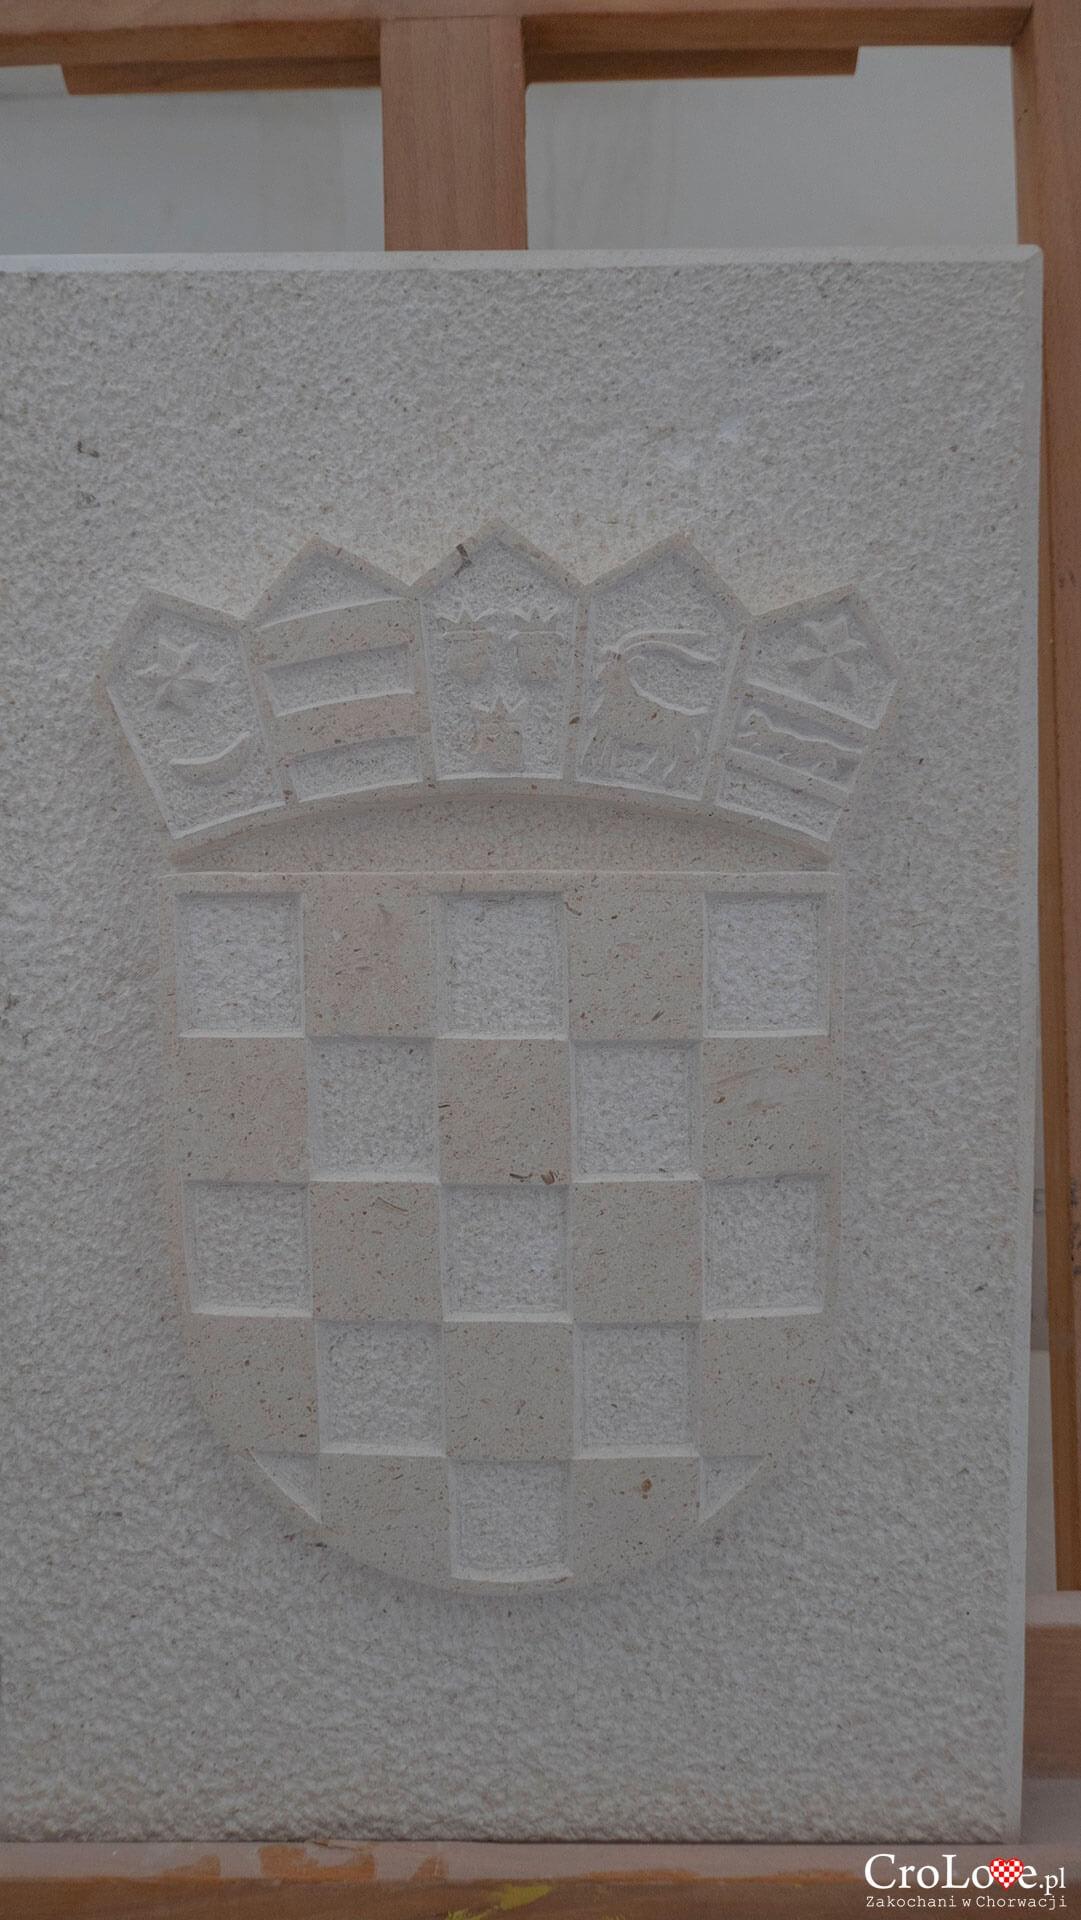 Klesarska škola w w Pučišćy